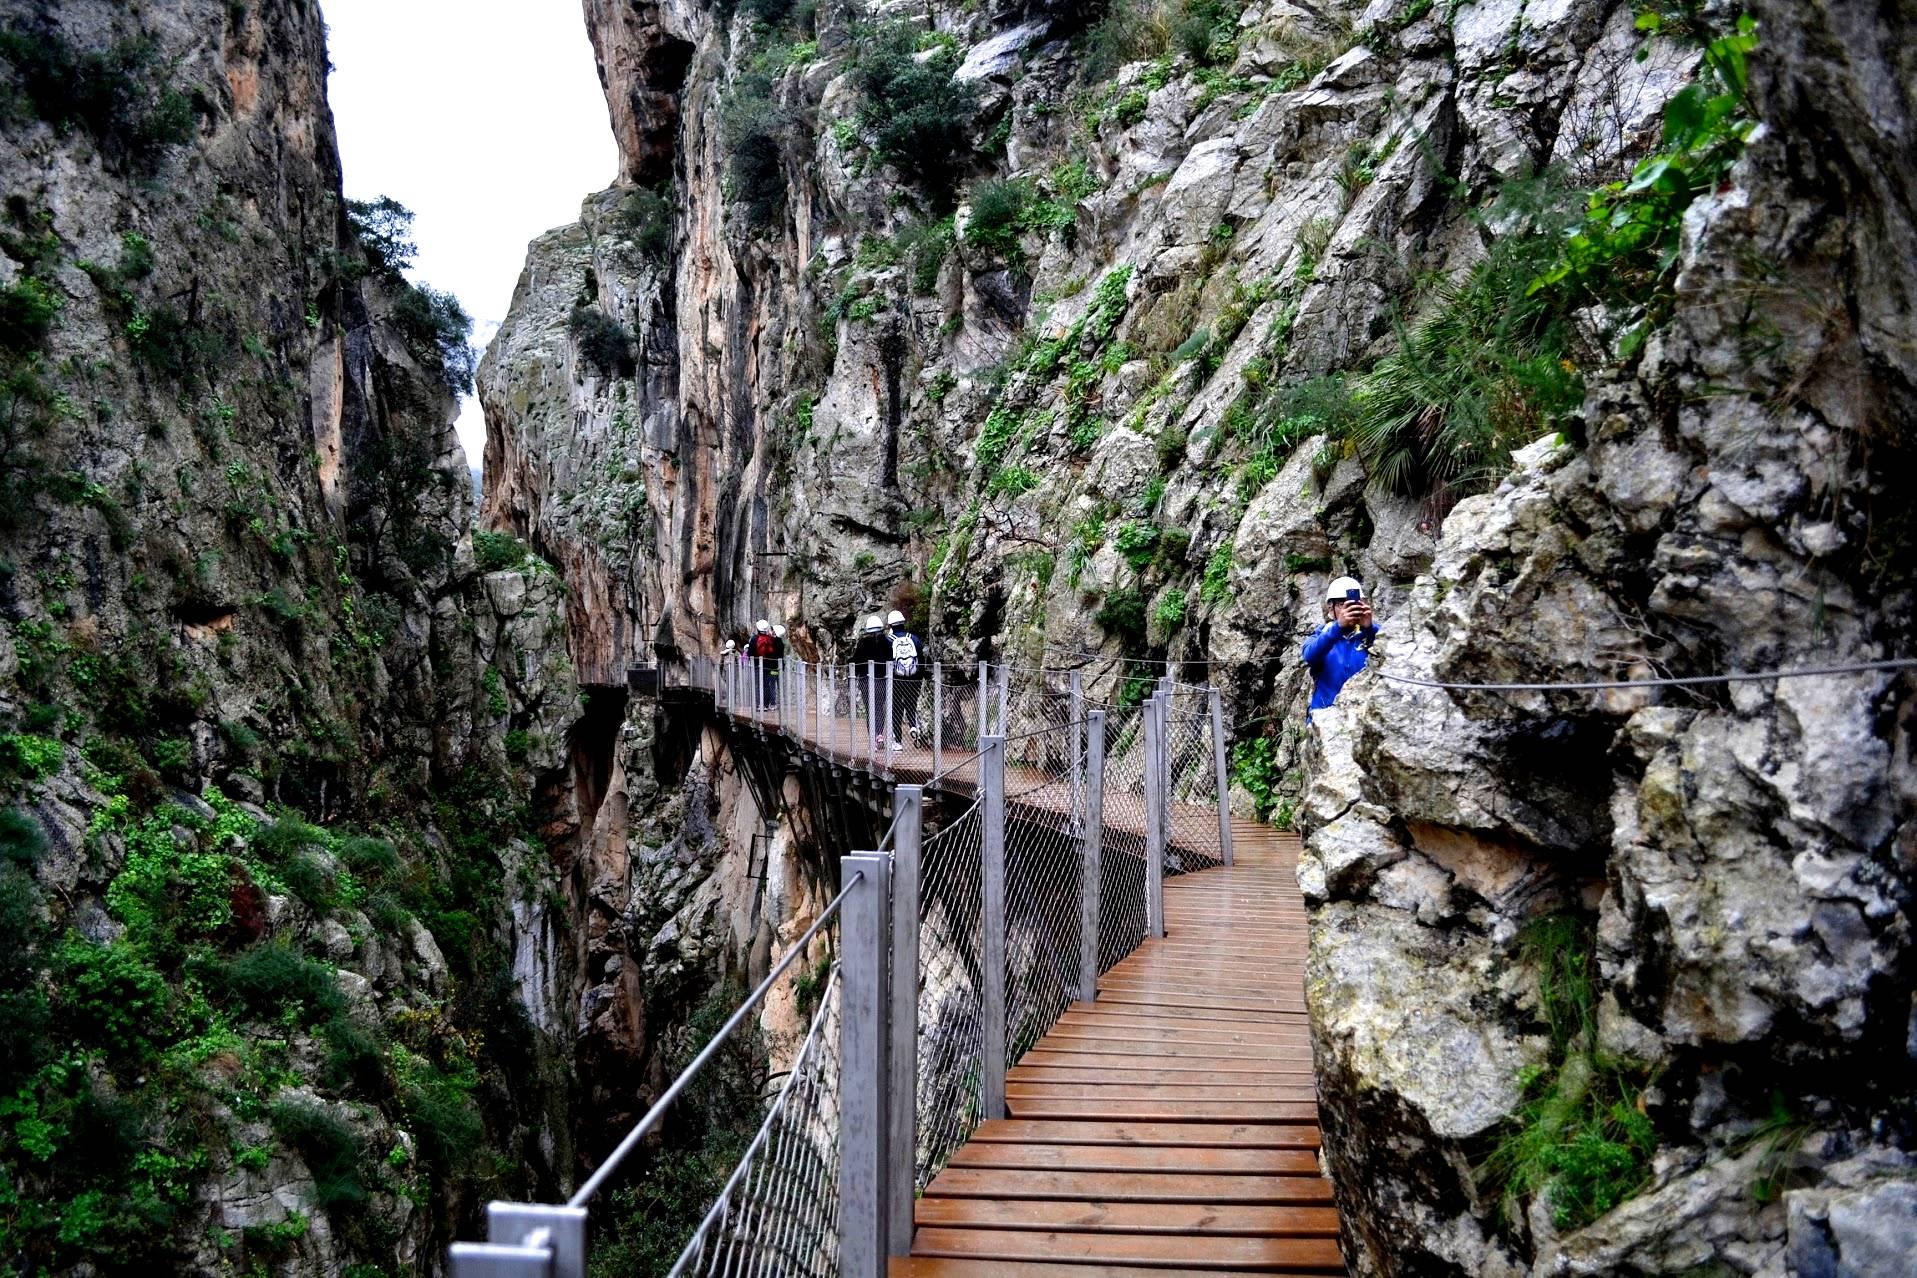 Photo 1: El Caminito del Rey, Andalousie, Espagne